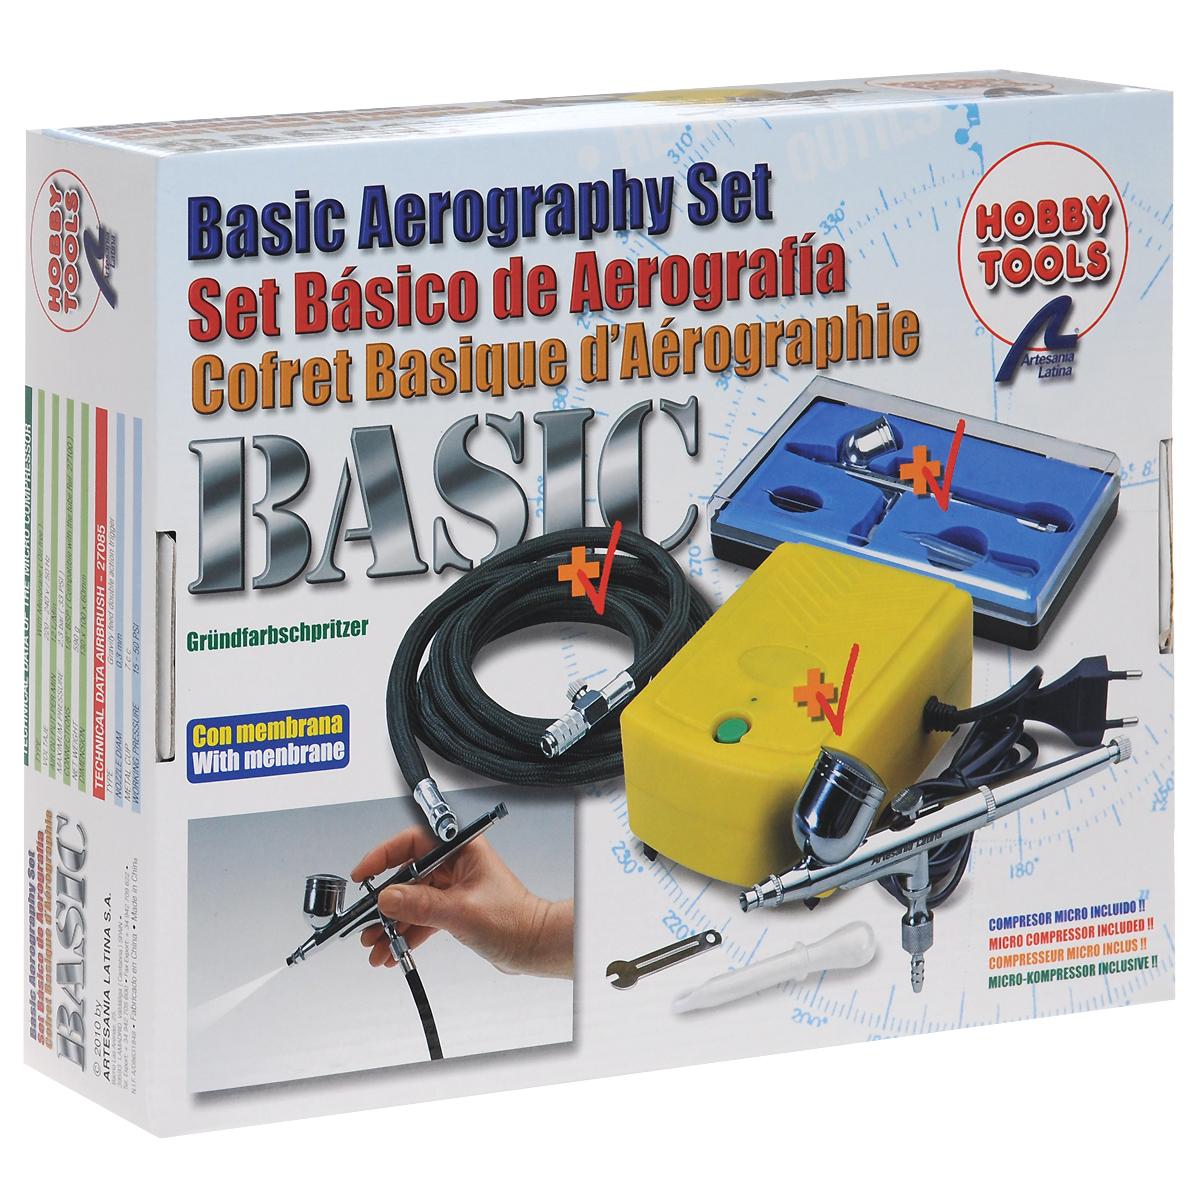 Аэрограф в комплекте (базовый набор)AEROGRAPHYВ набор Artesania Latina Базовый набор входят аэрограф с 0,3 мм сопло, мини- компрессор, резиновый удлинитель, а также необходимые для работы аксессуары. Такой набор идеально подойдет для моделизма, первых шагов в аэрографии, работах на бумаге, полупрофессиональных работ аэрографии на ногтях, make up. Что может быть увлекательнее самостоятельного создания дизайна, подбора цветовых решений вашей модели? Реализовать любые идеи вам поможет аэрограф Artesania Latina Базовый набор. Все предметы наборы компактно расположены в пластиковом чемоданчике, закрывающемся на 2 защелки. Размер чемоданчика: 29 см х 24 см х 7 см.